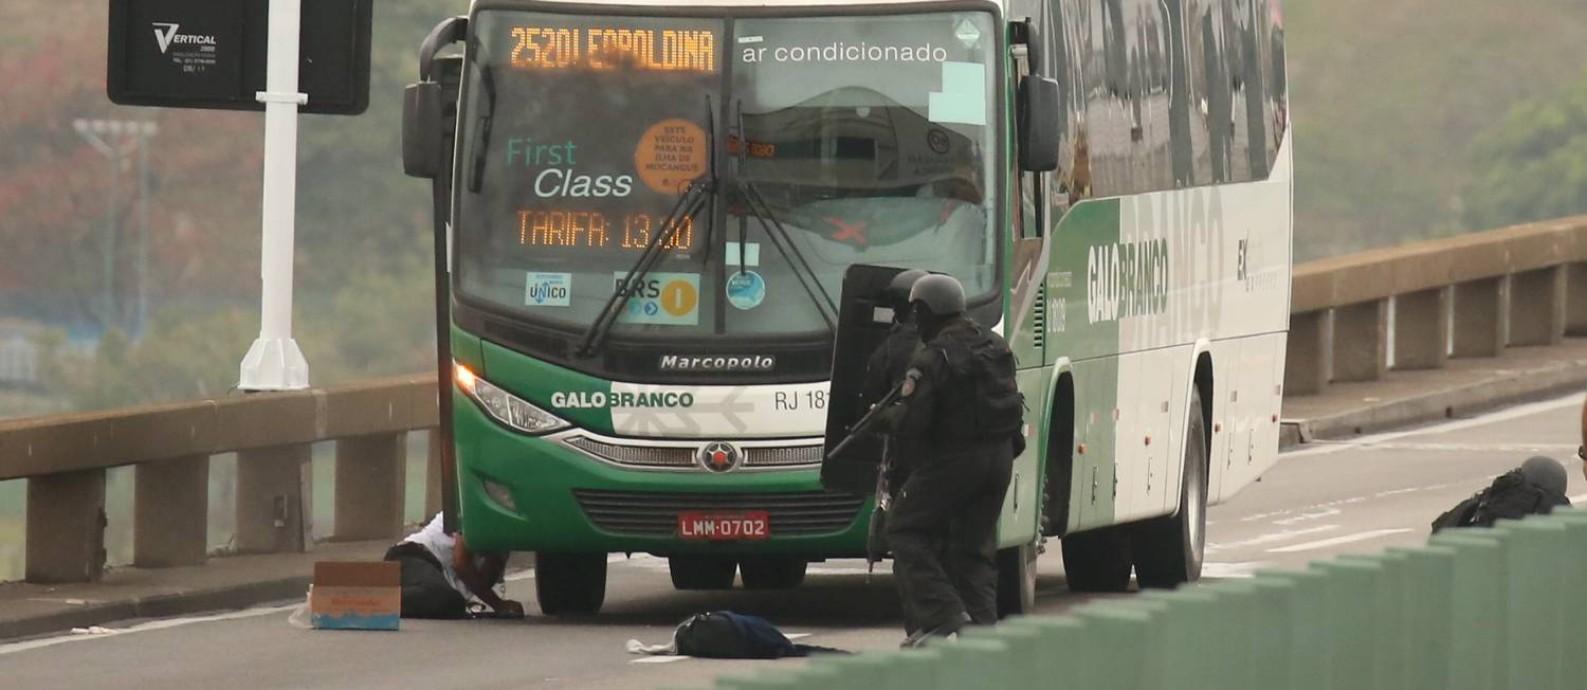 Policiais militares se aproximam do sequestrador já caído no chão após ser baleado Foto: Fabiano Rocha / Agência O Globo